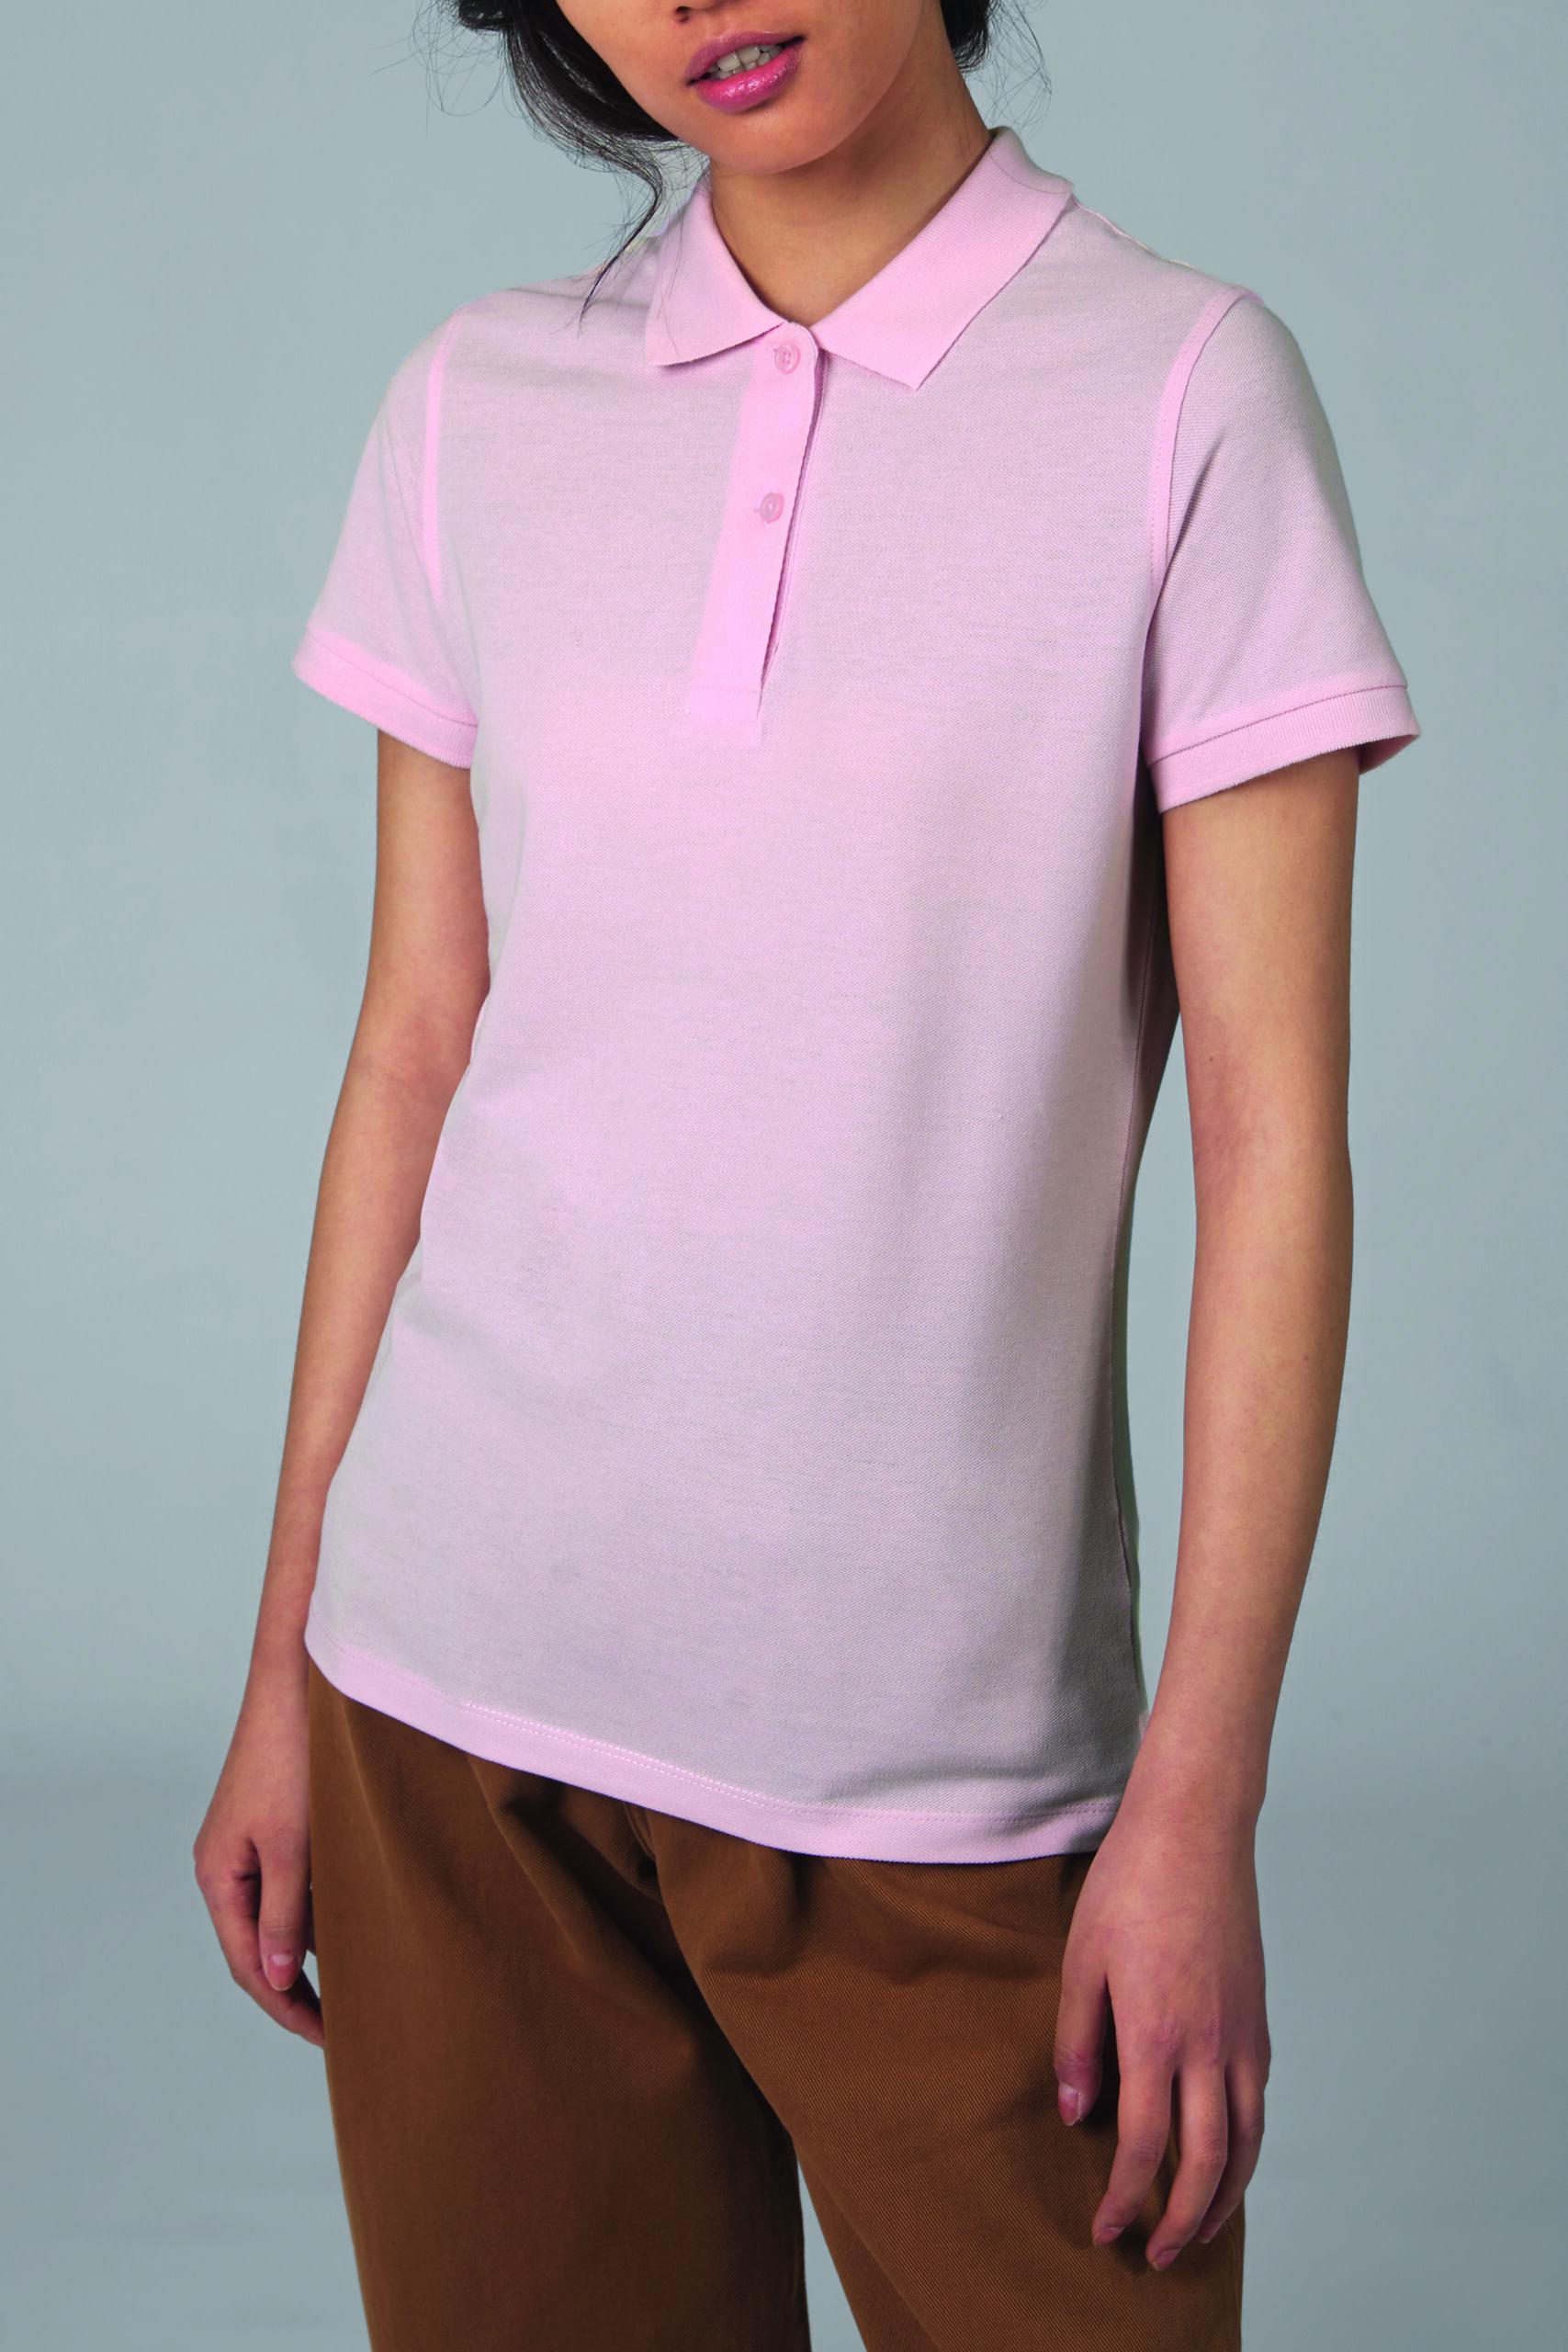 Økologisk Polo-shirt I En 170g/m2 Kvalitet Til Kvinder (BCPW440)